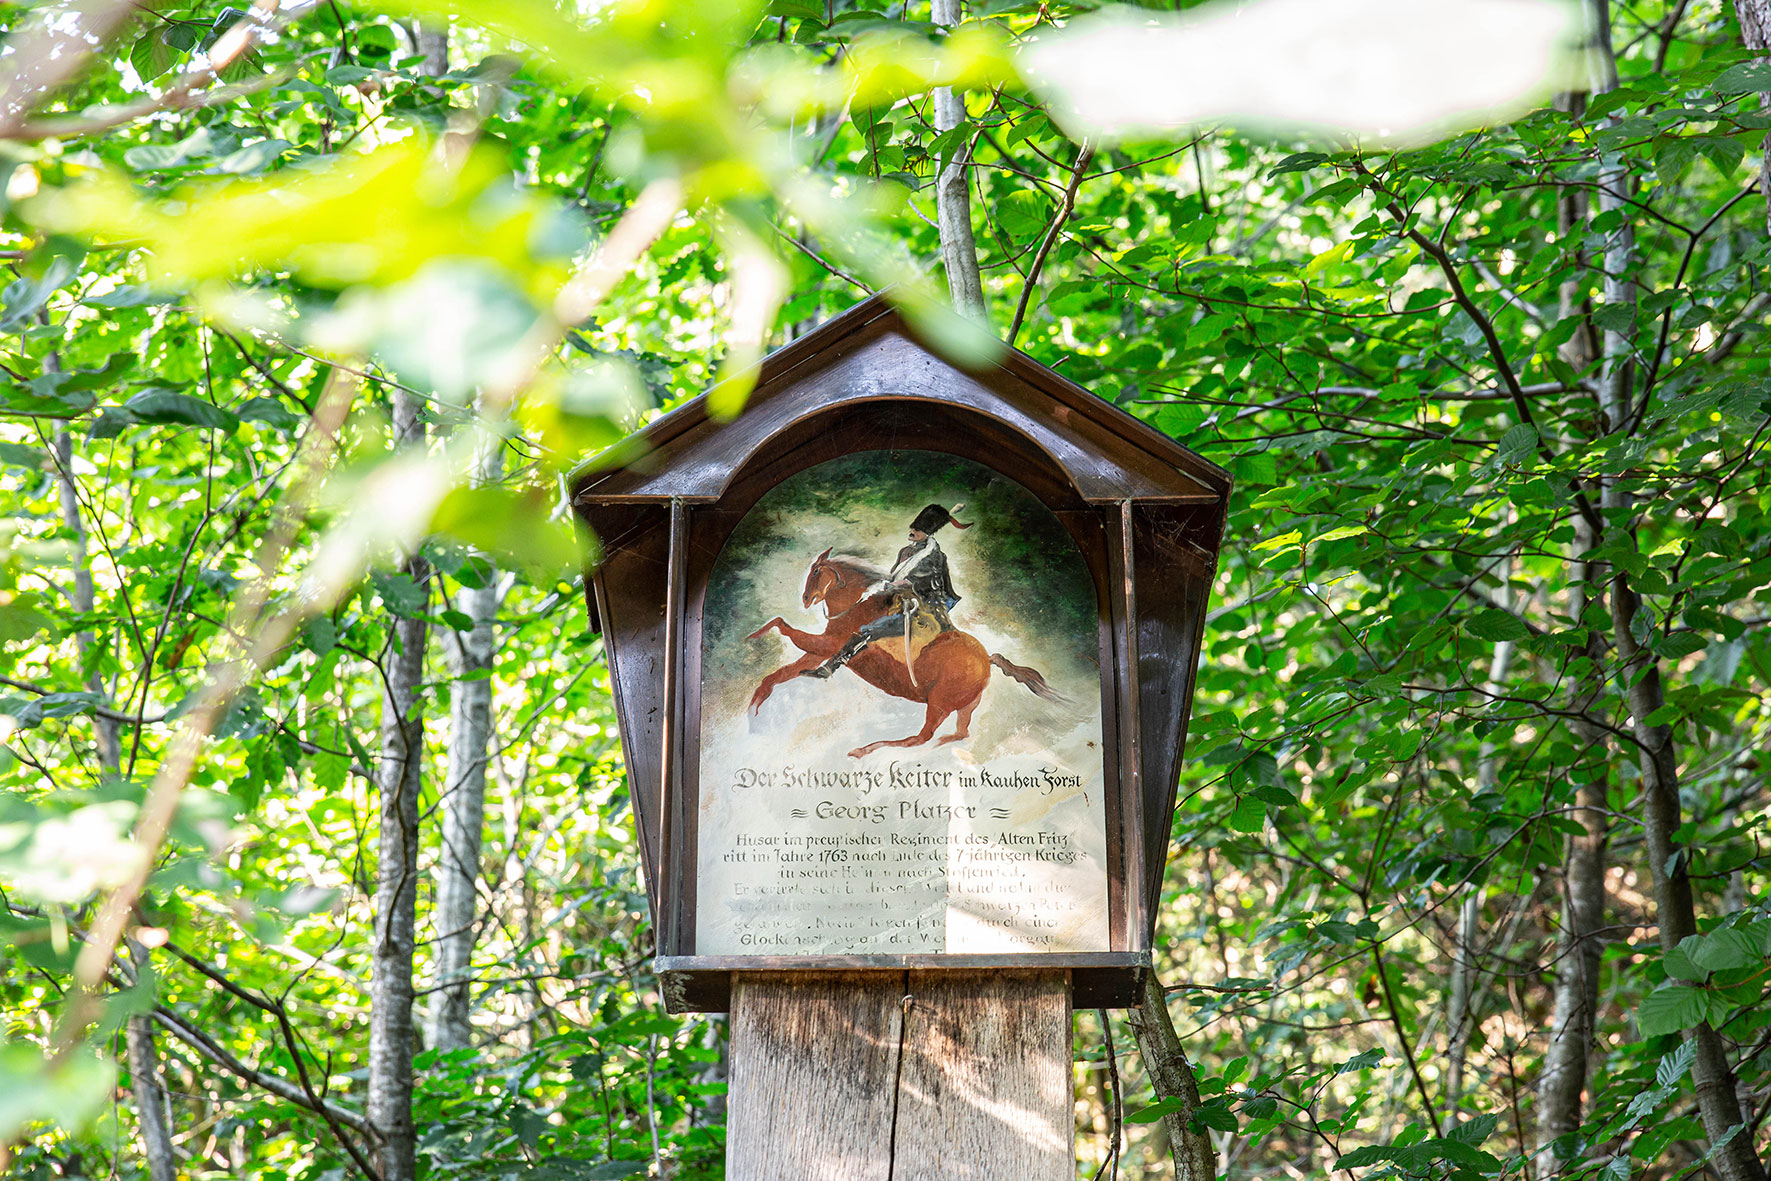 Eine Gedenktafel erinnert an die Heldentaten des Schwarzen Reiters Georg Platzer